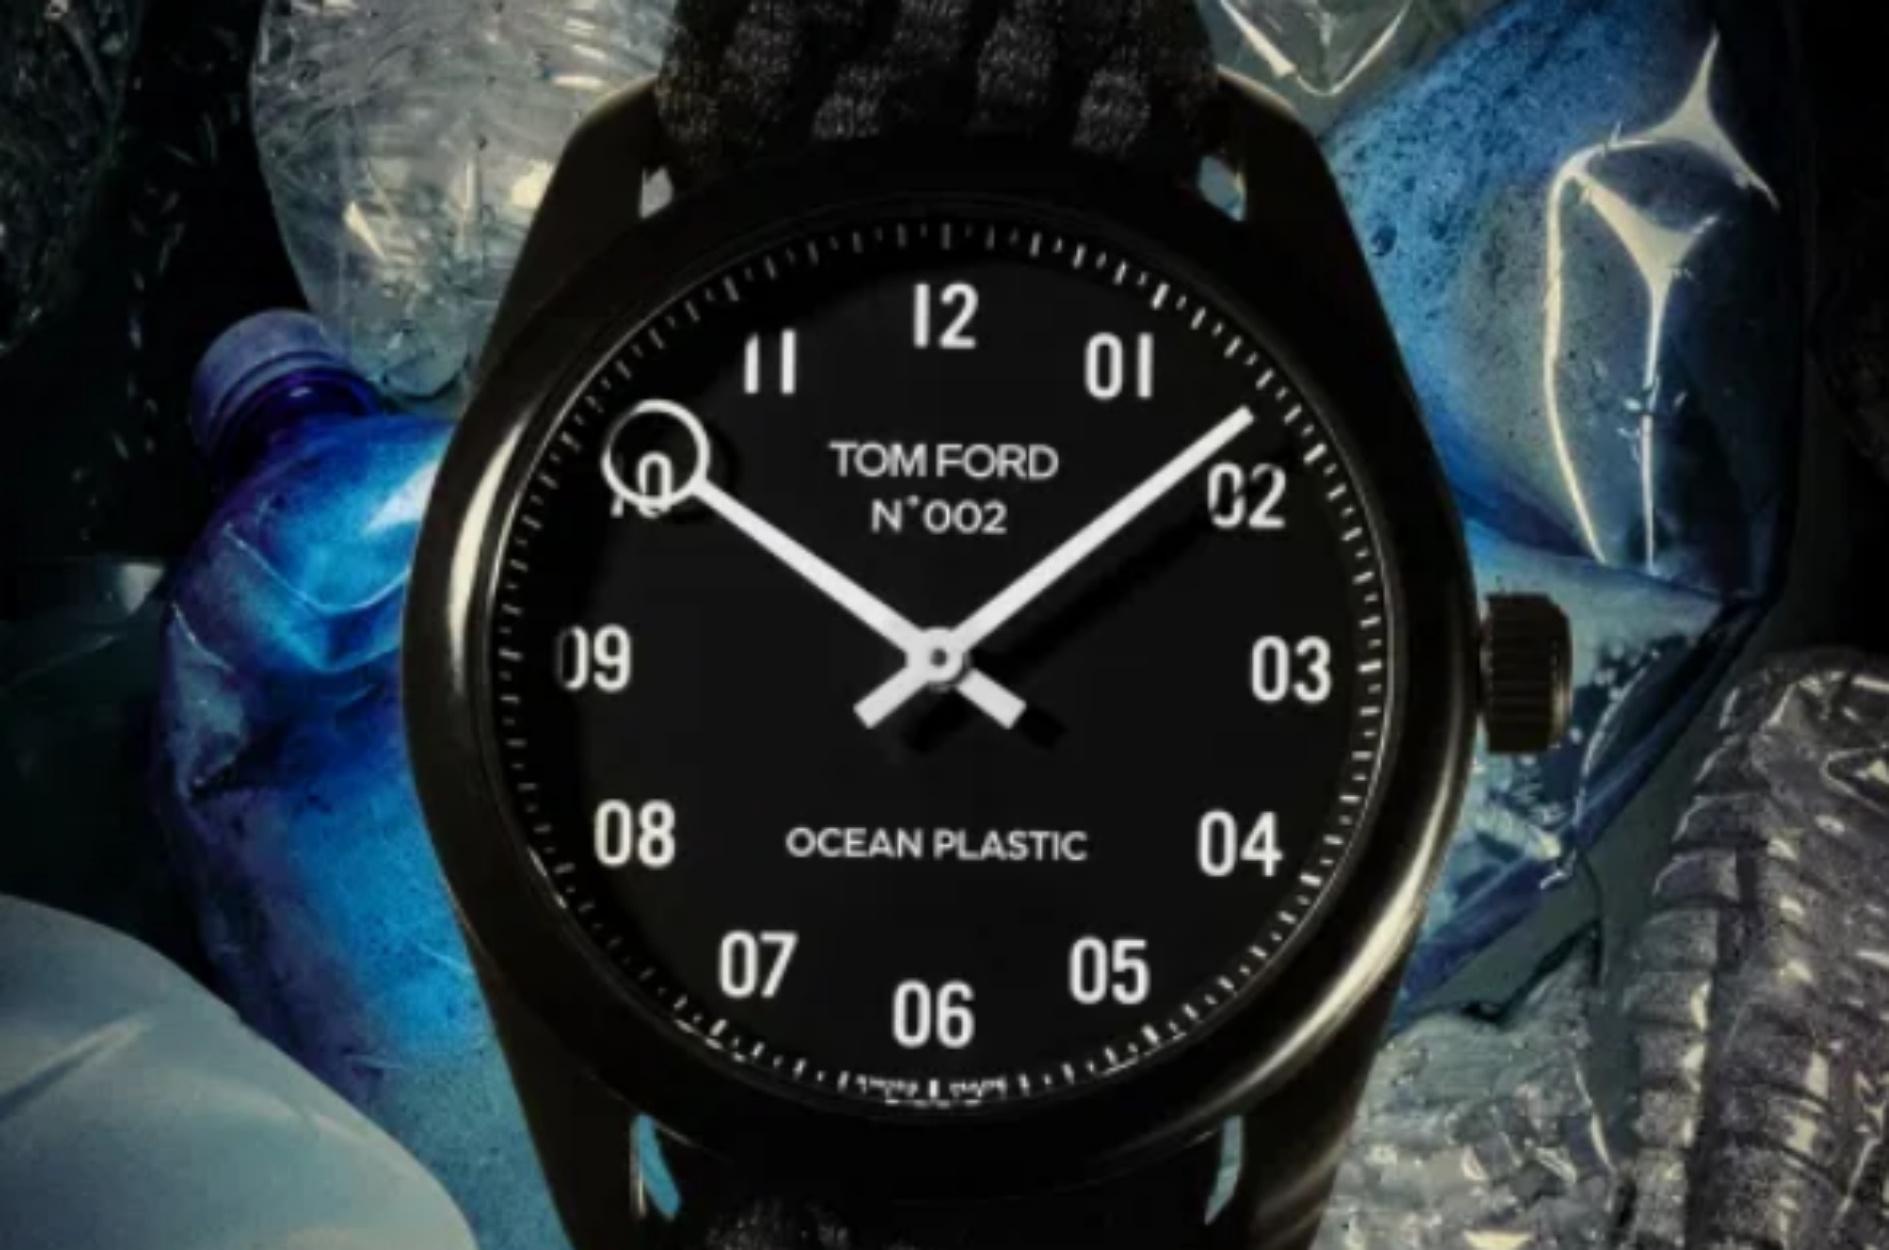 Το νέο ρολόι του Tom Ford είναι κατασκευασμένο από 100% ανακυκλωμένο πλαστικό